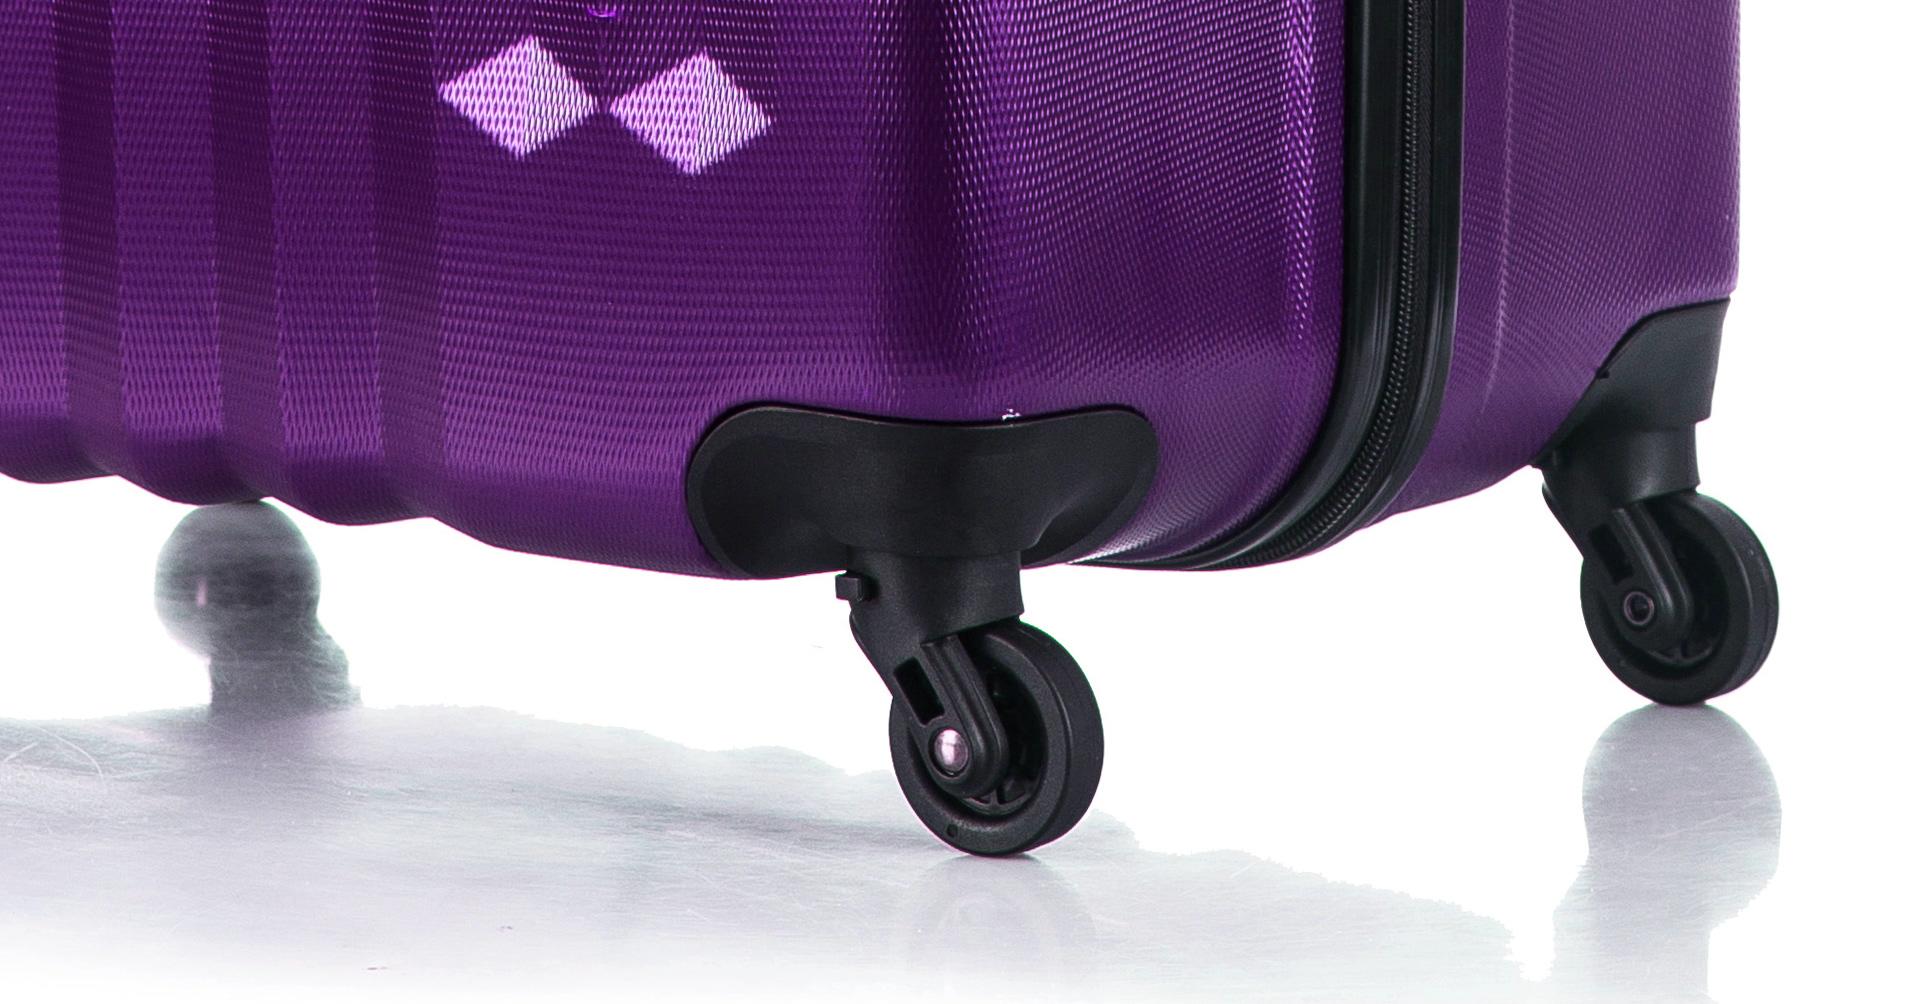 Чемодан со съемными колесами L'case Phuket-28 Фиолетовый (L)